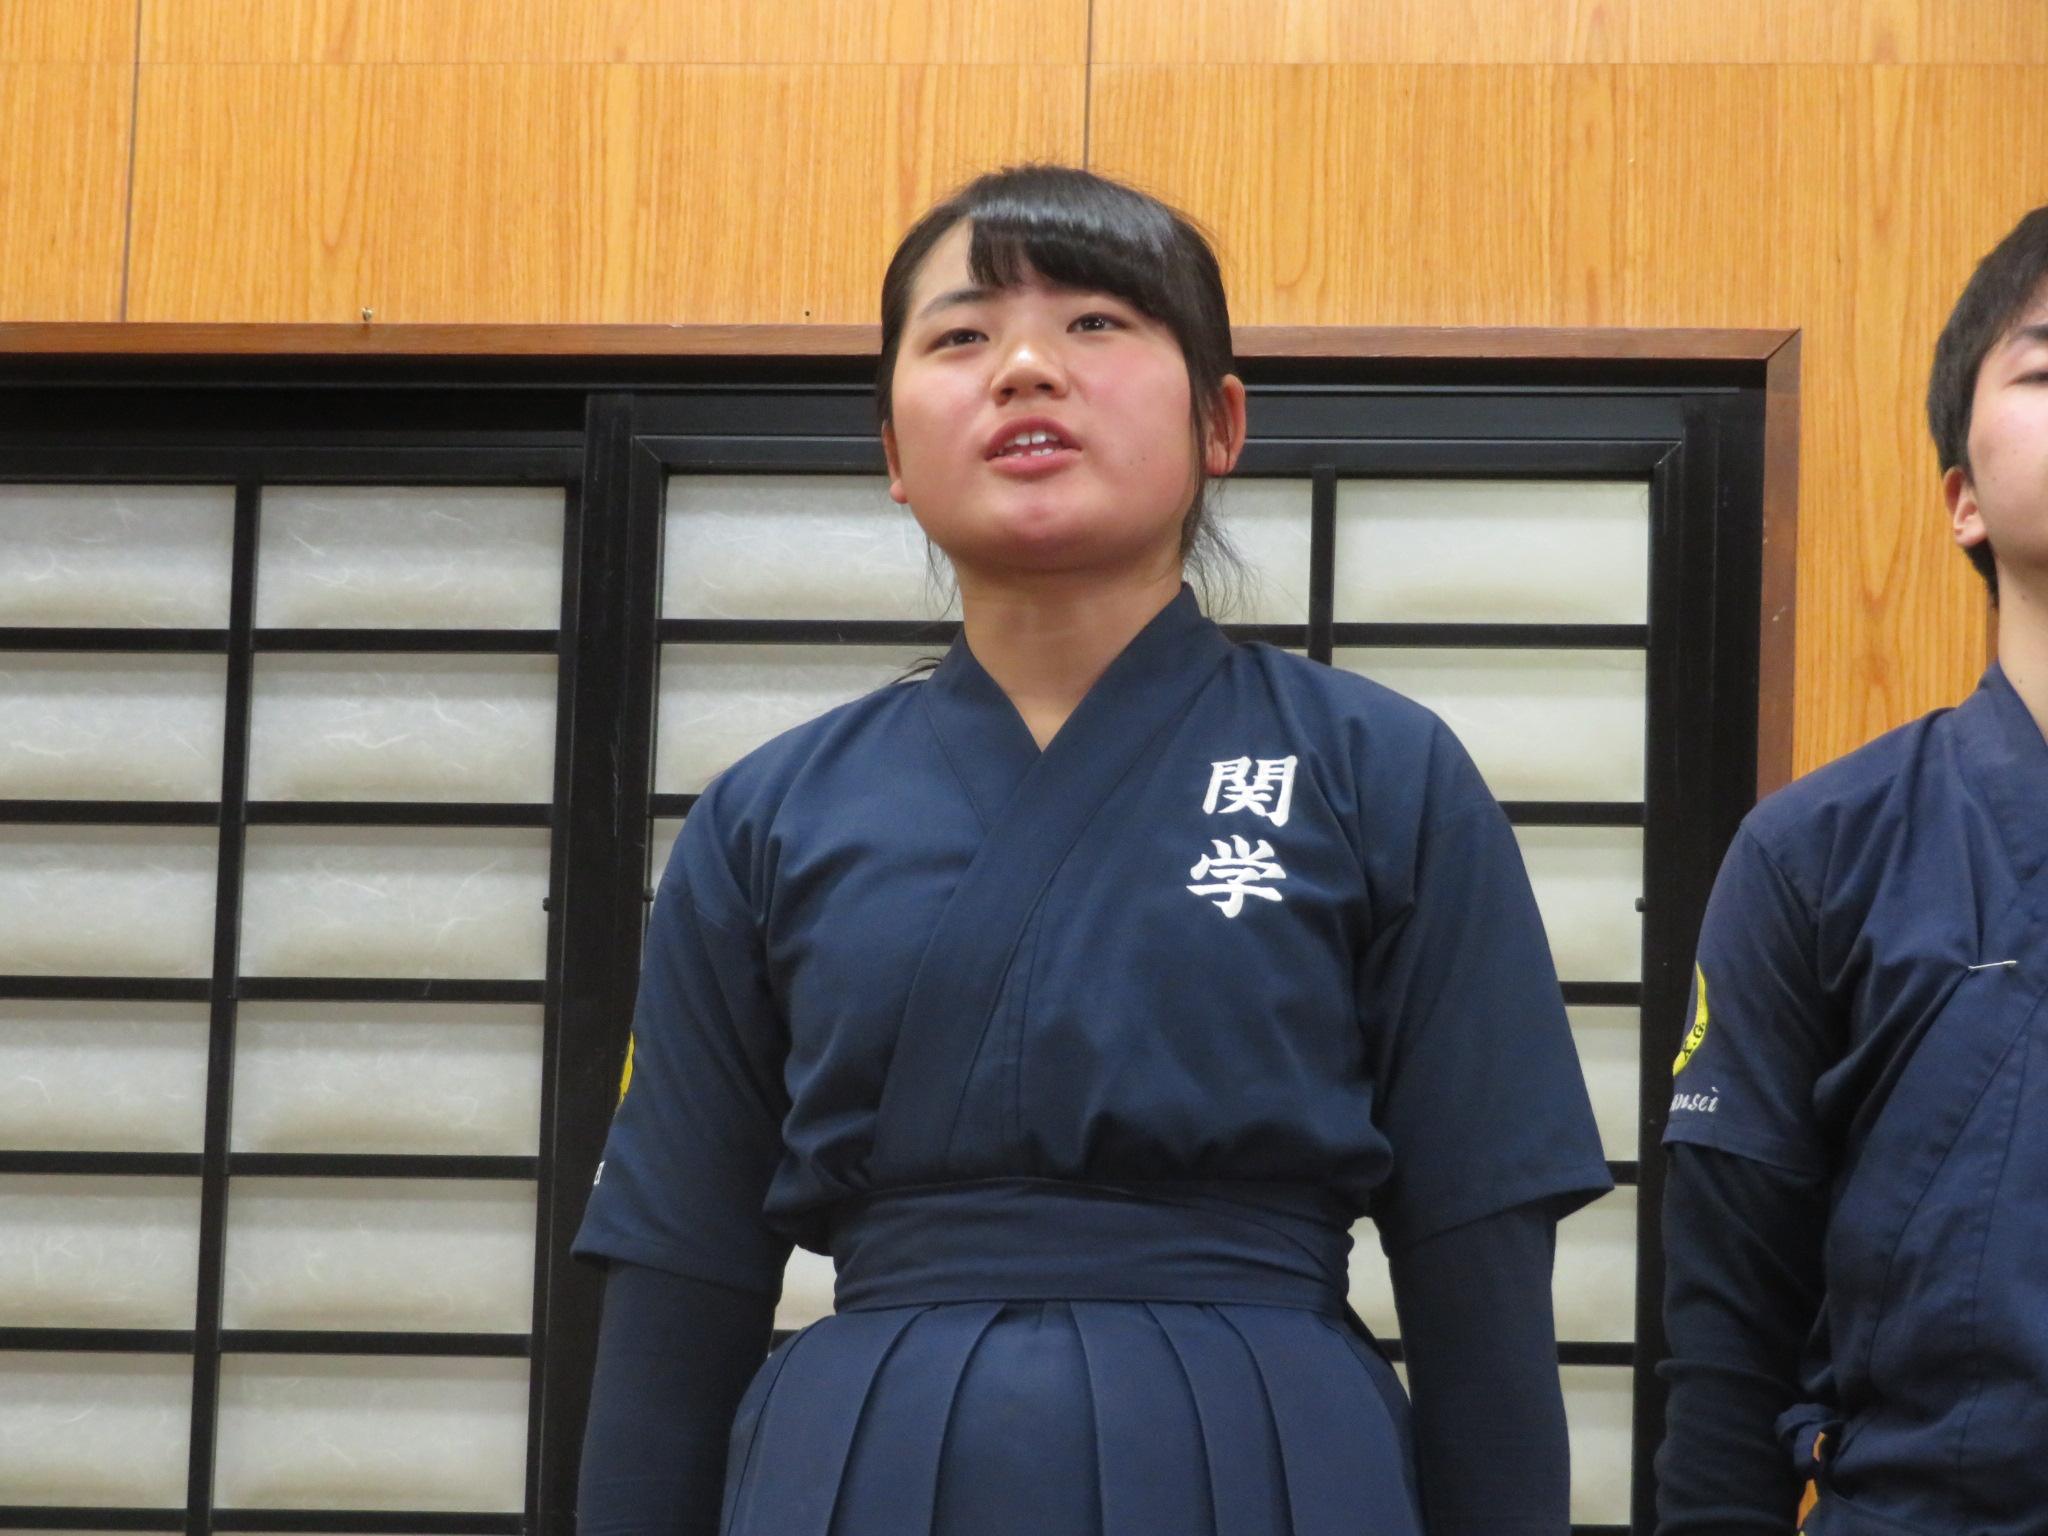 吉野裕賀 甲南女子高校出身 社会学部